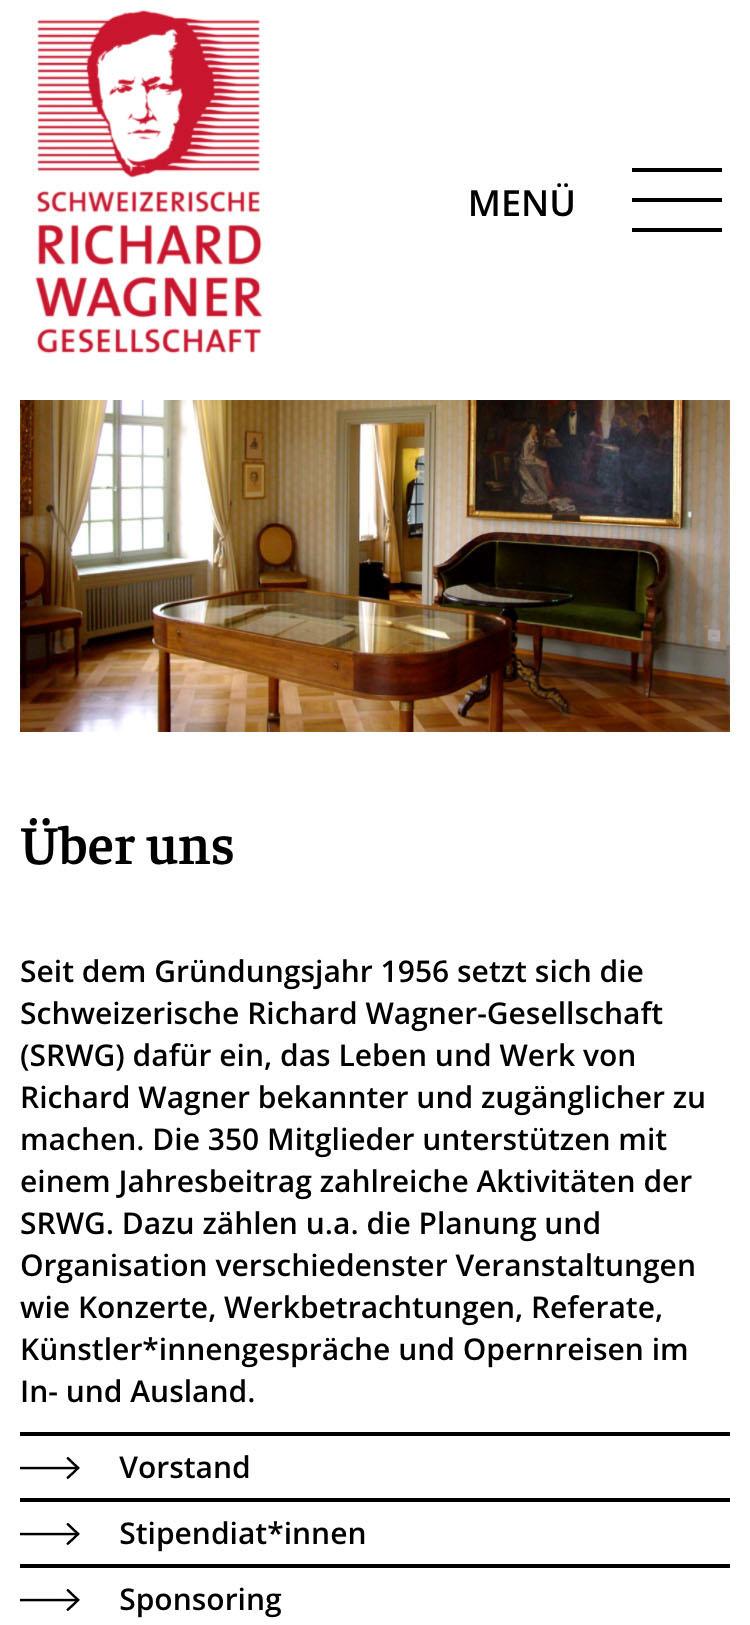 Schweizerische Richard Wagner-Gesellschaft (SRWG) Mobile